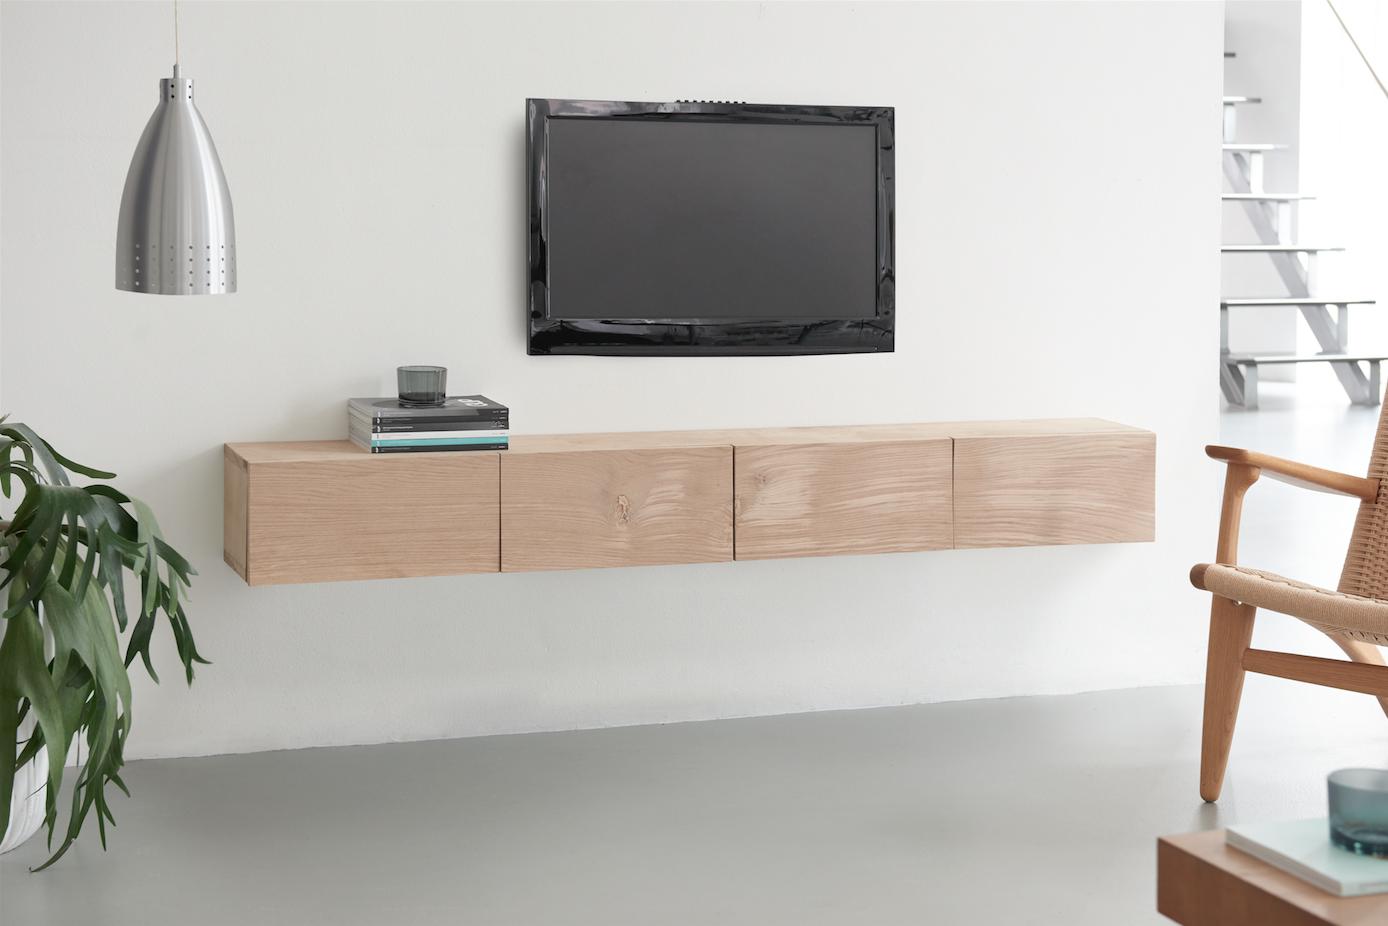 Maak een designer tv meubel van eikenhout voordemakers